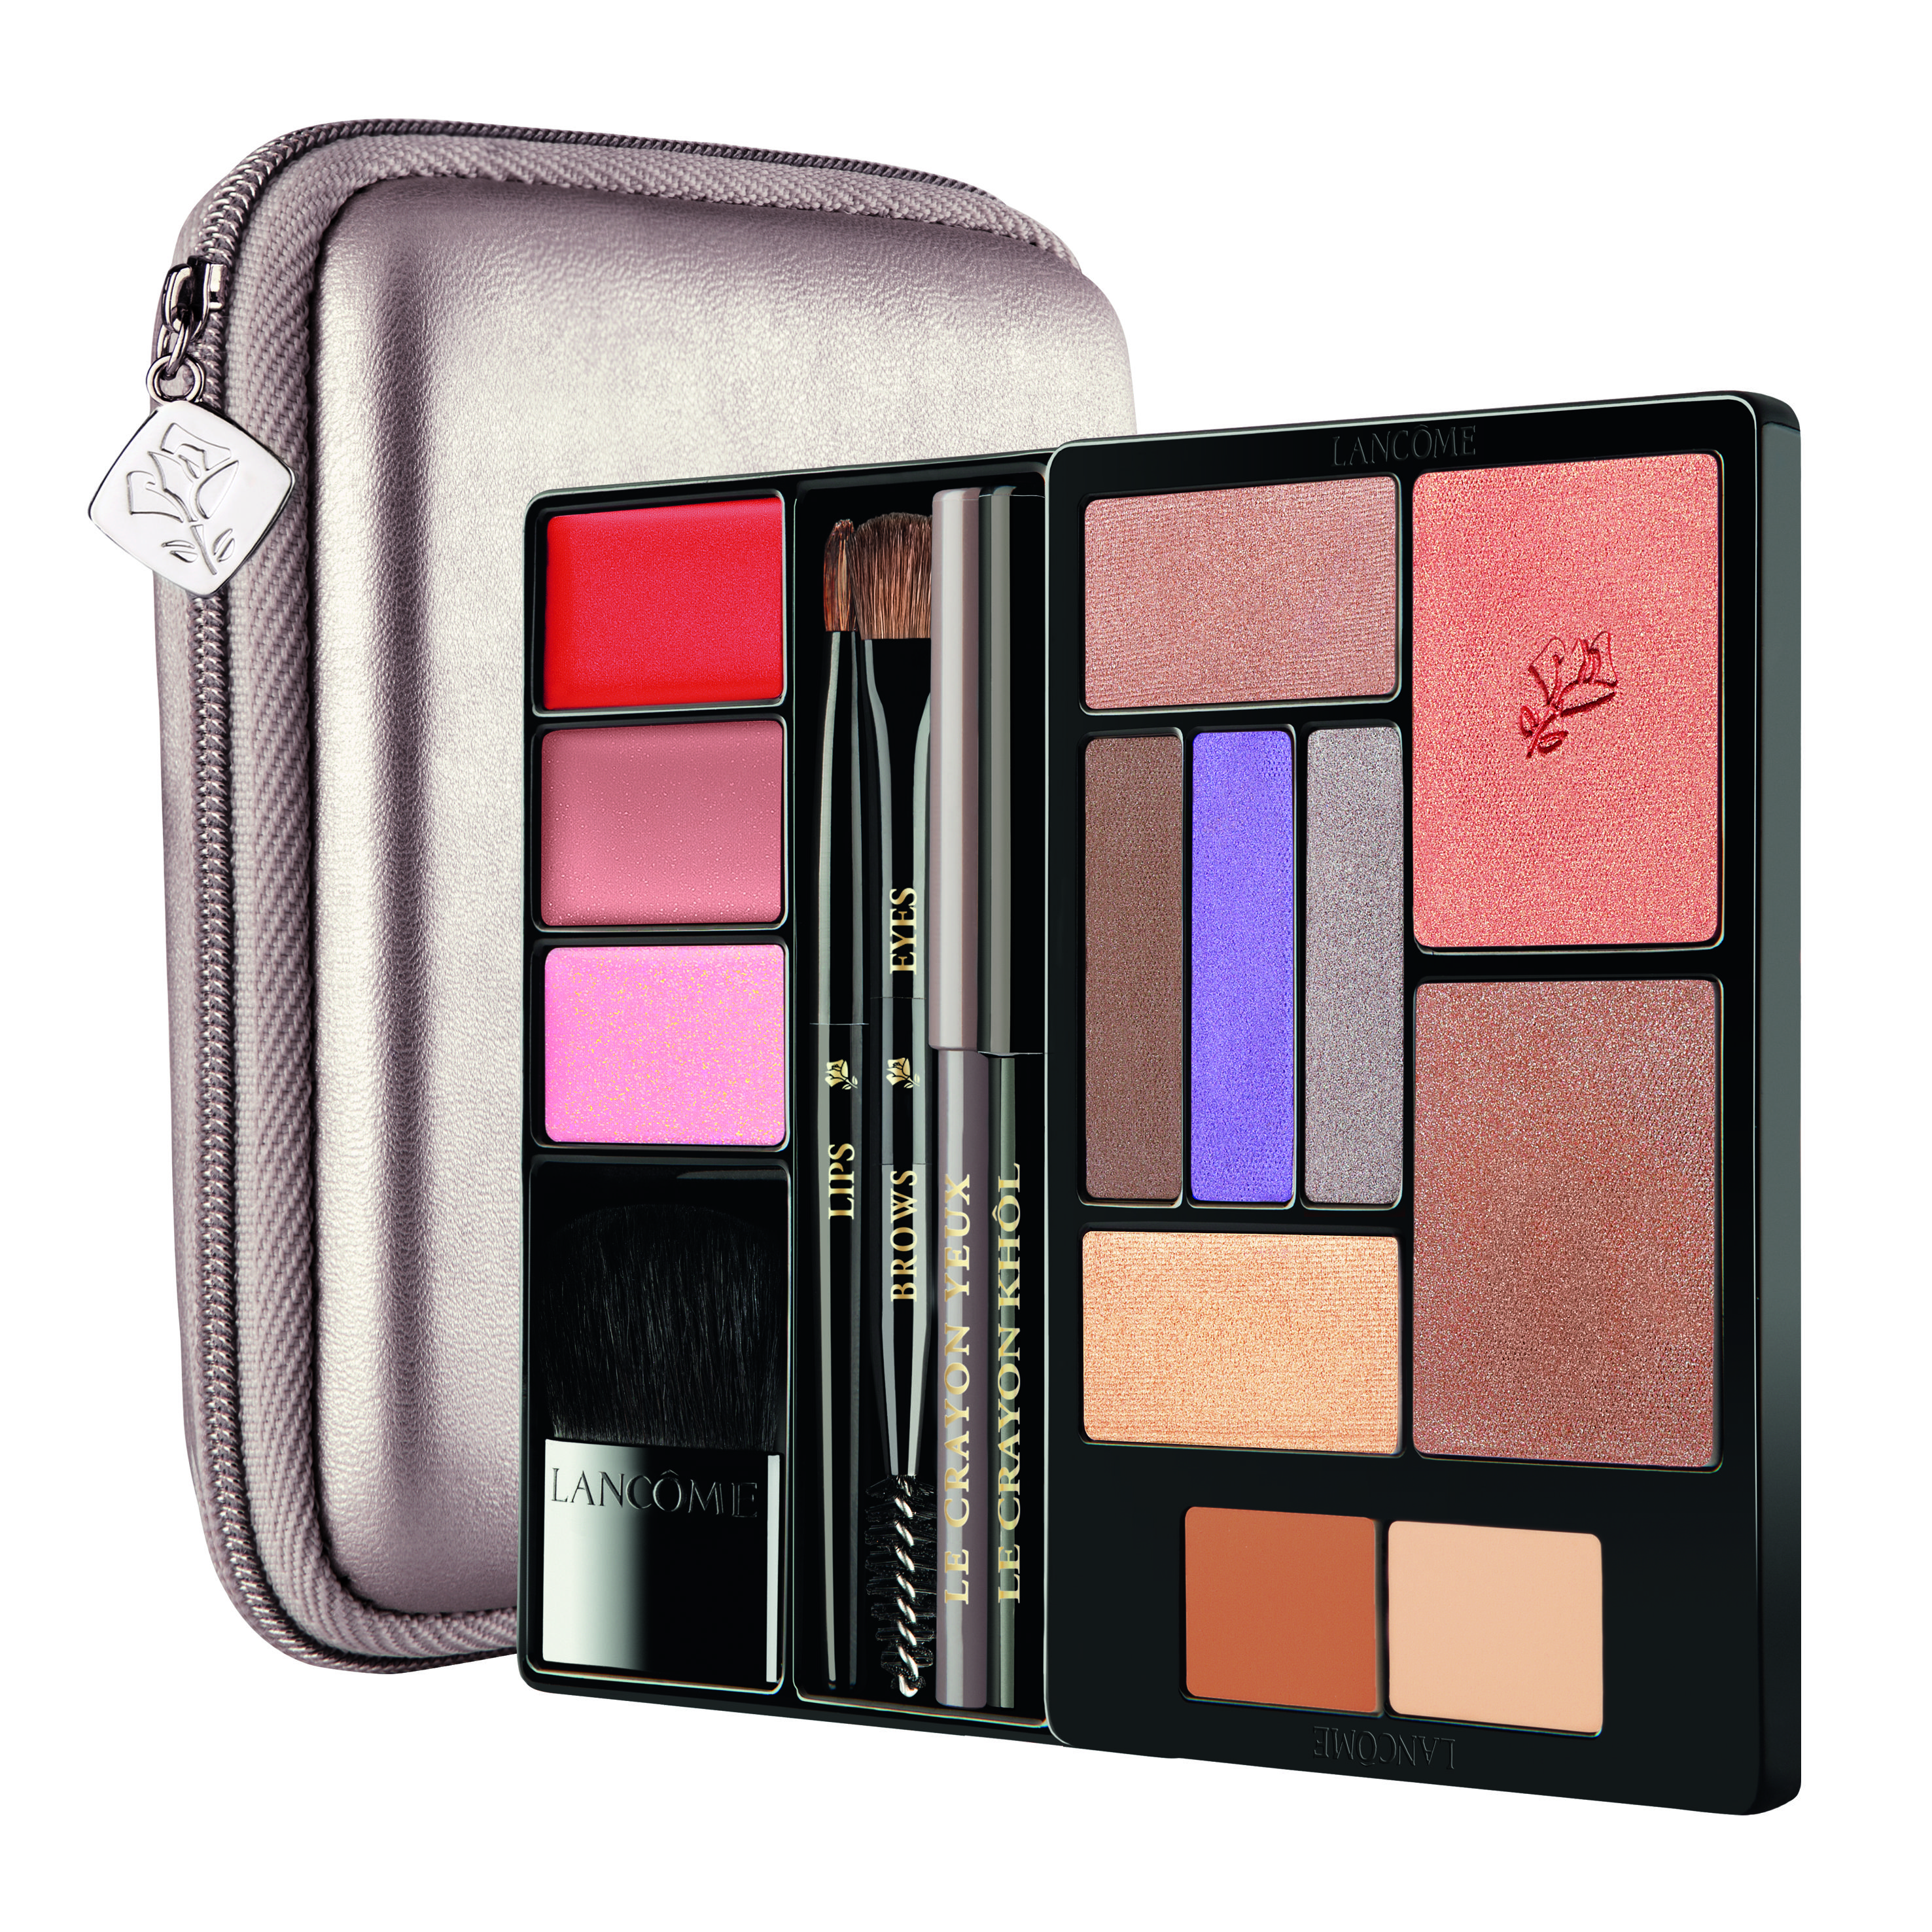 New Idéal Makeup Palettes by Lancôme Makeup palette